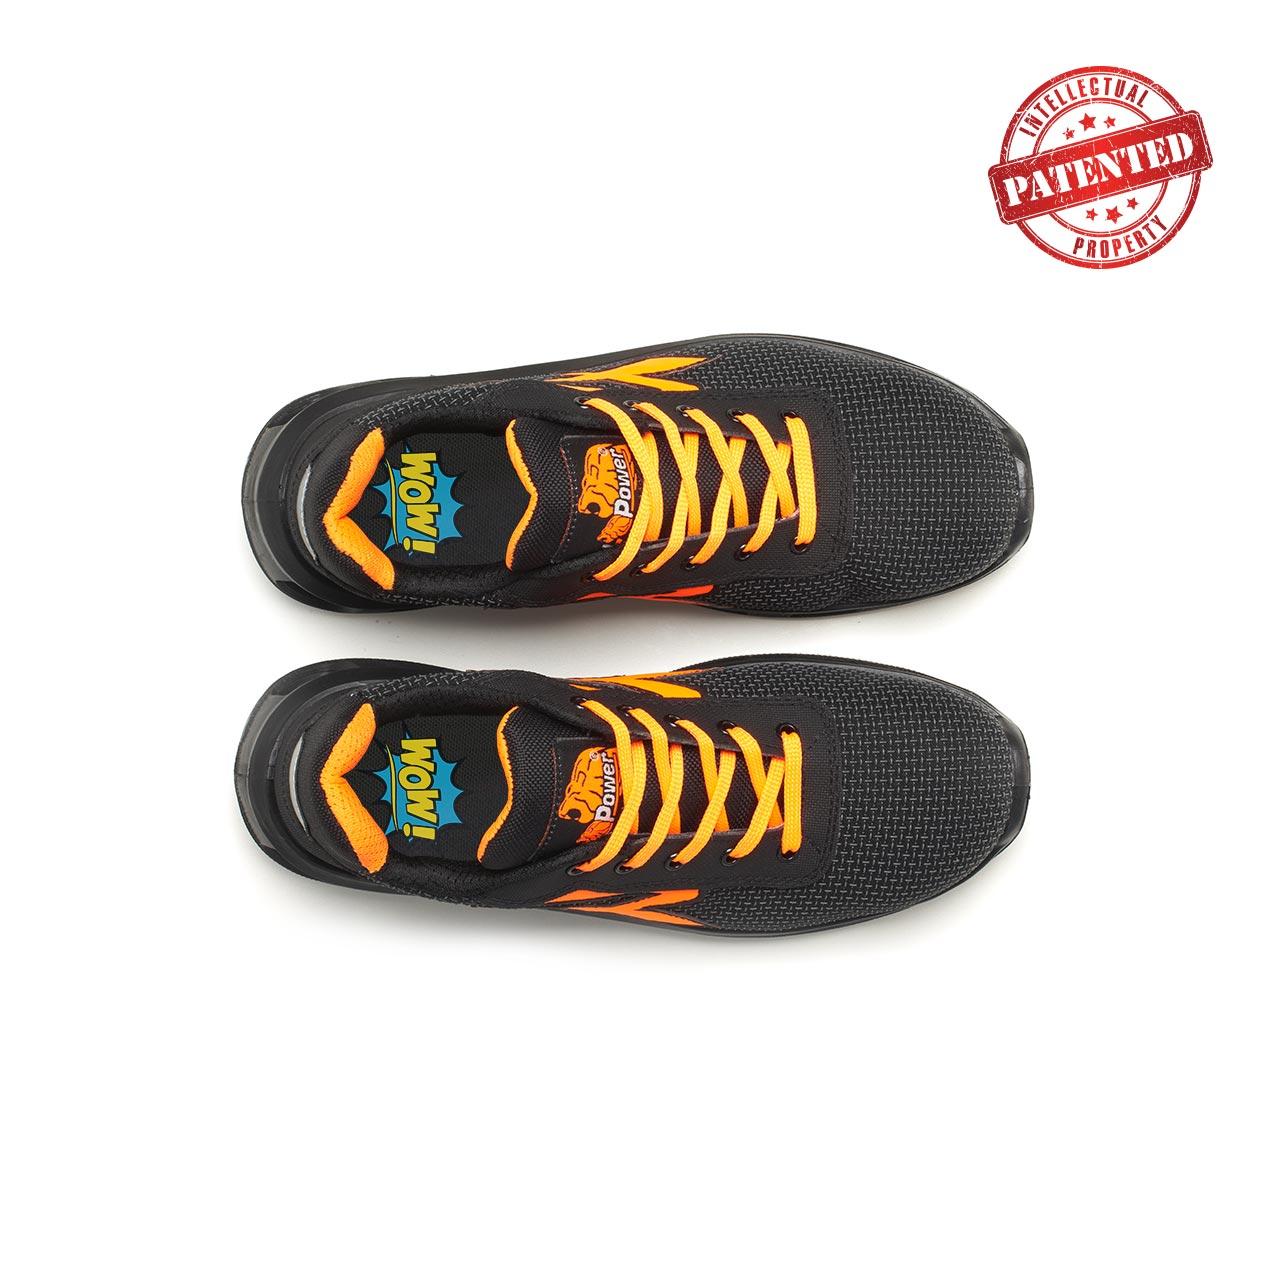 paio di scarpe antinfortunistiche upower modello kindle linea redlion vista top